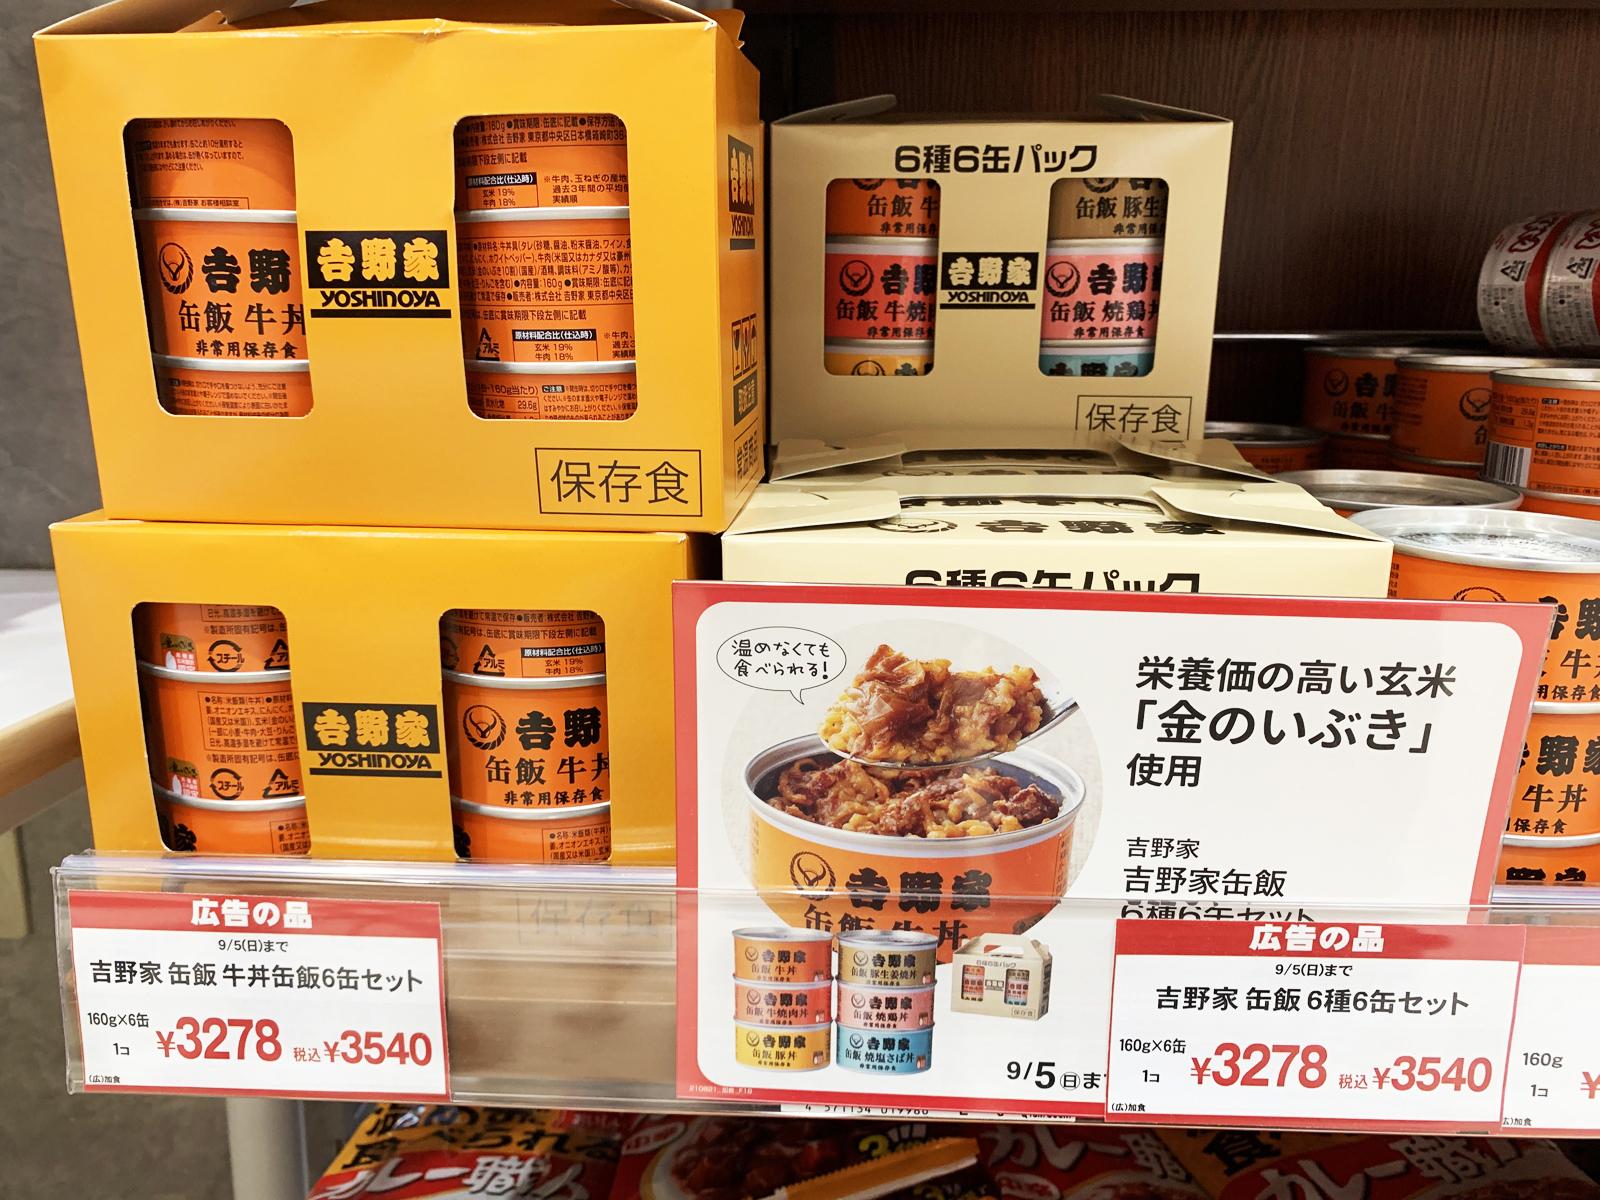 吉野家の缶詰